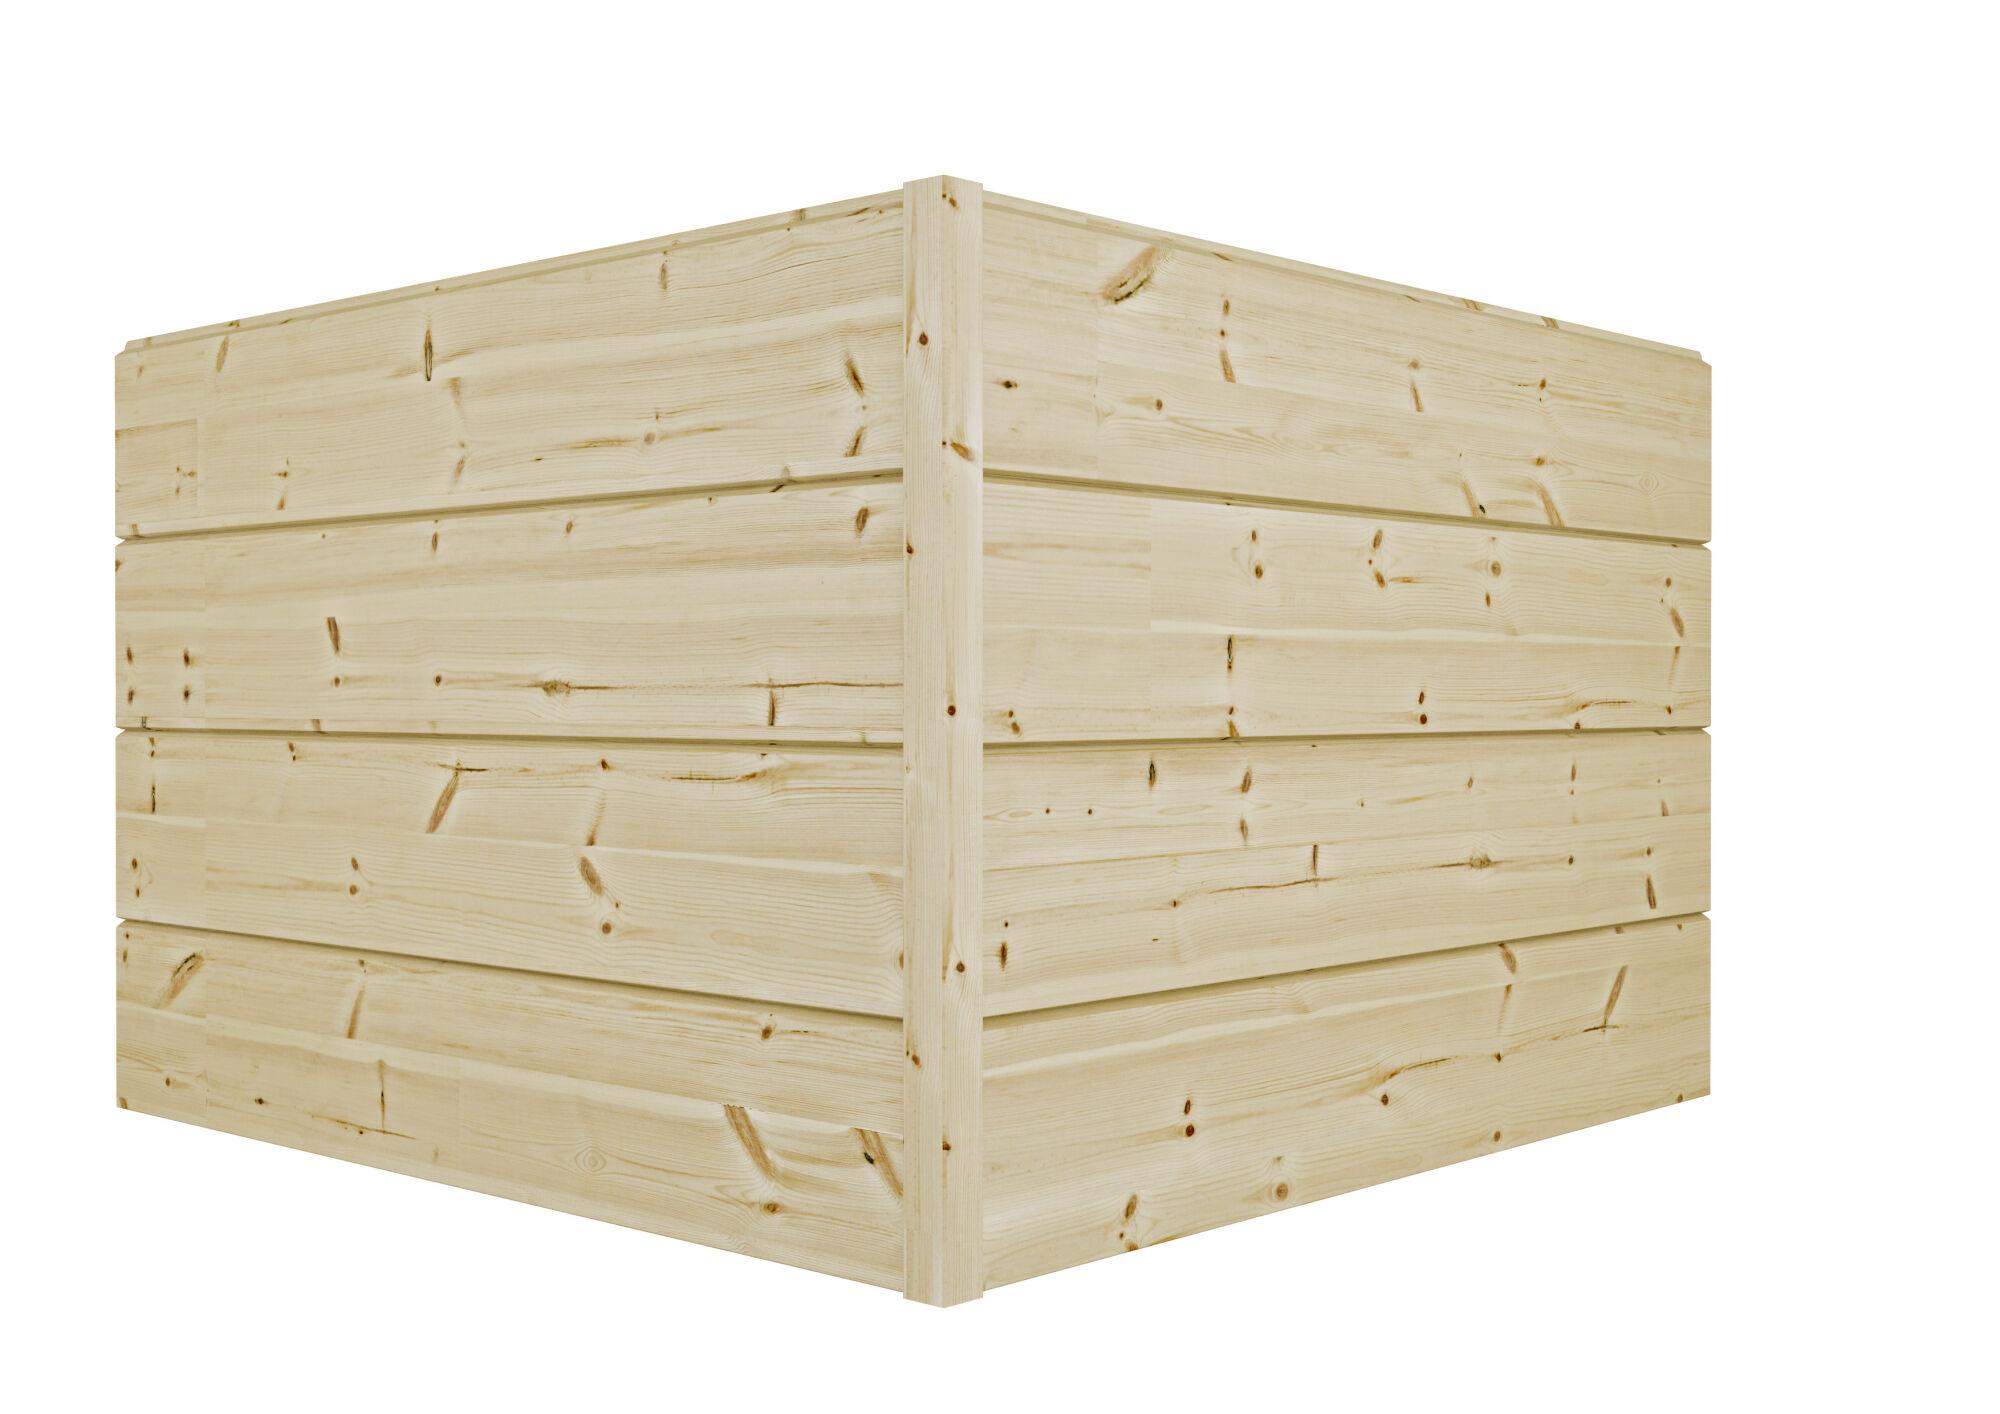 Kontios gjærsagede knute med tømmer i modern profil